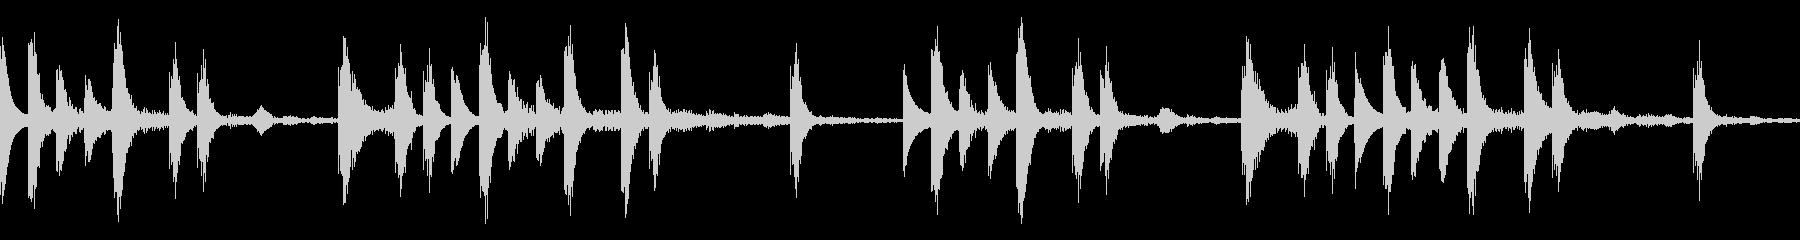 【ループB】浮遊感あるシンセが続くテクノの未再生の波形